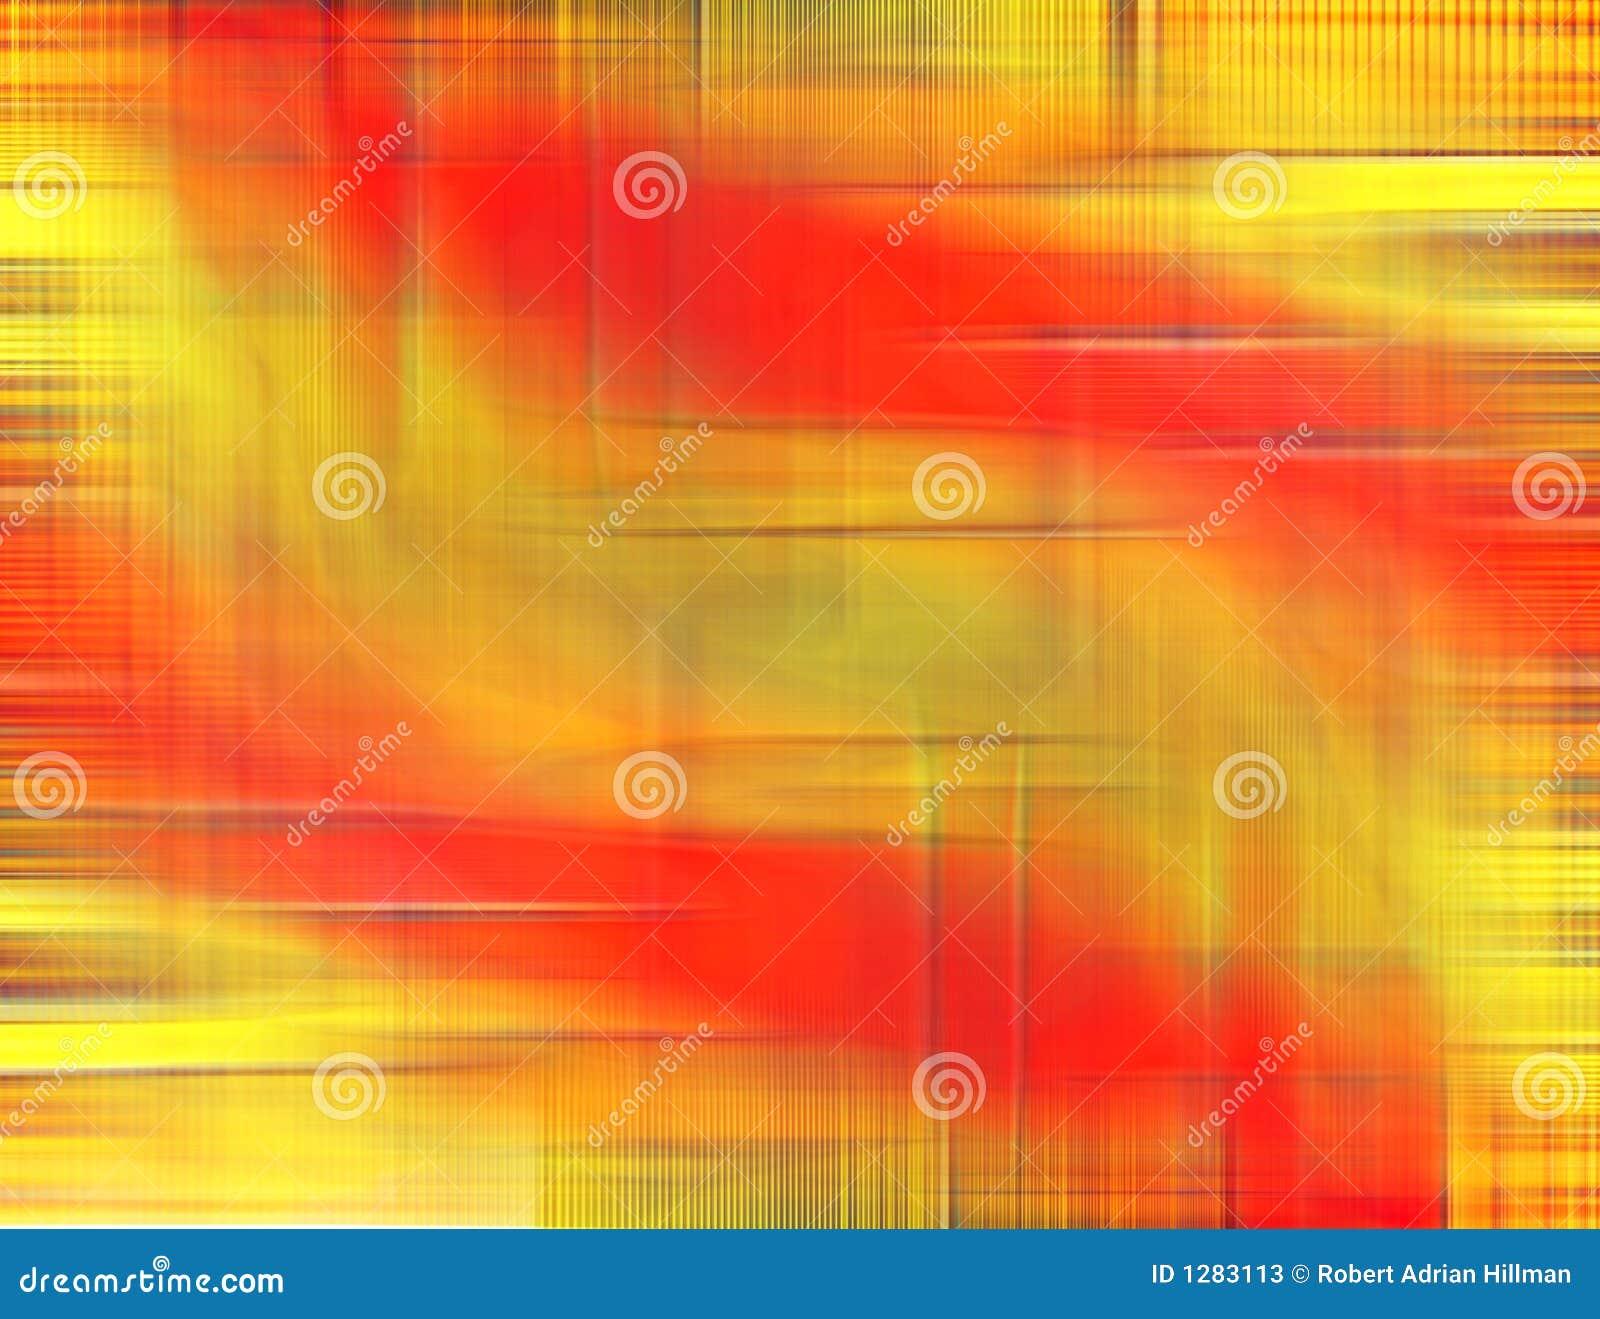 Fondo rojo amarillo